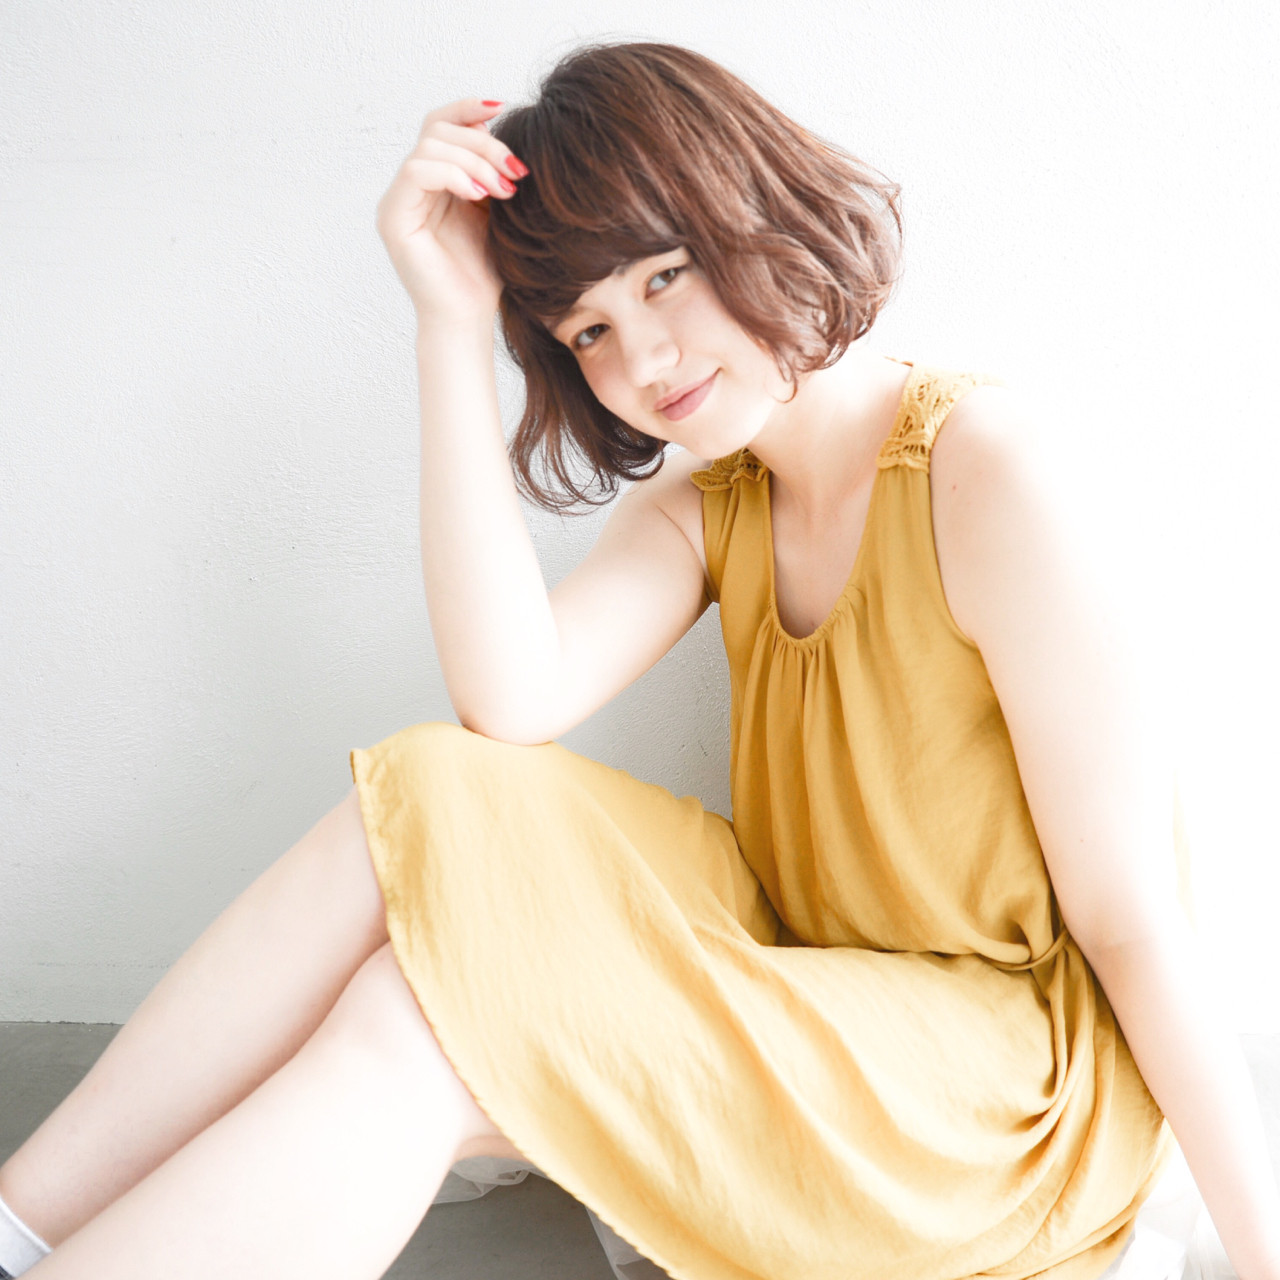 くせ毛風 フェミニン 大人かわいい パーマ ヘアスタイルや髪型の写真・画像 | yuuta inoue/vicca 'ekolu / vicca 'ekolu